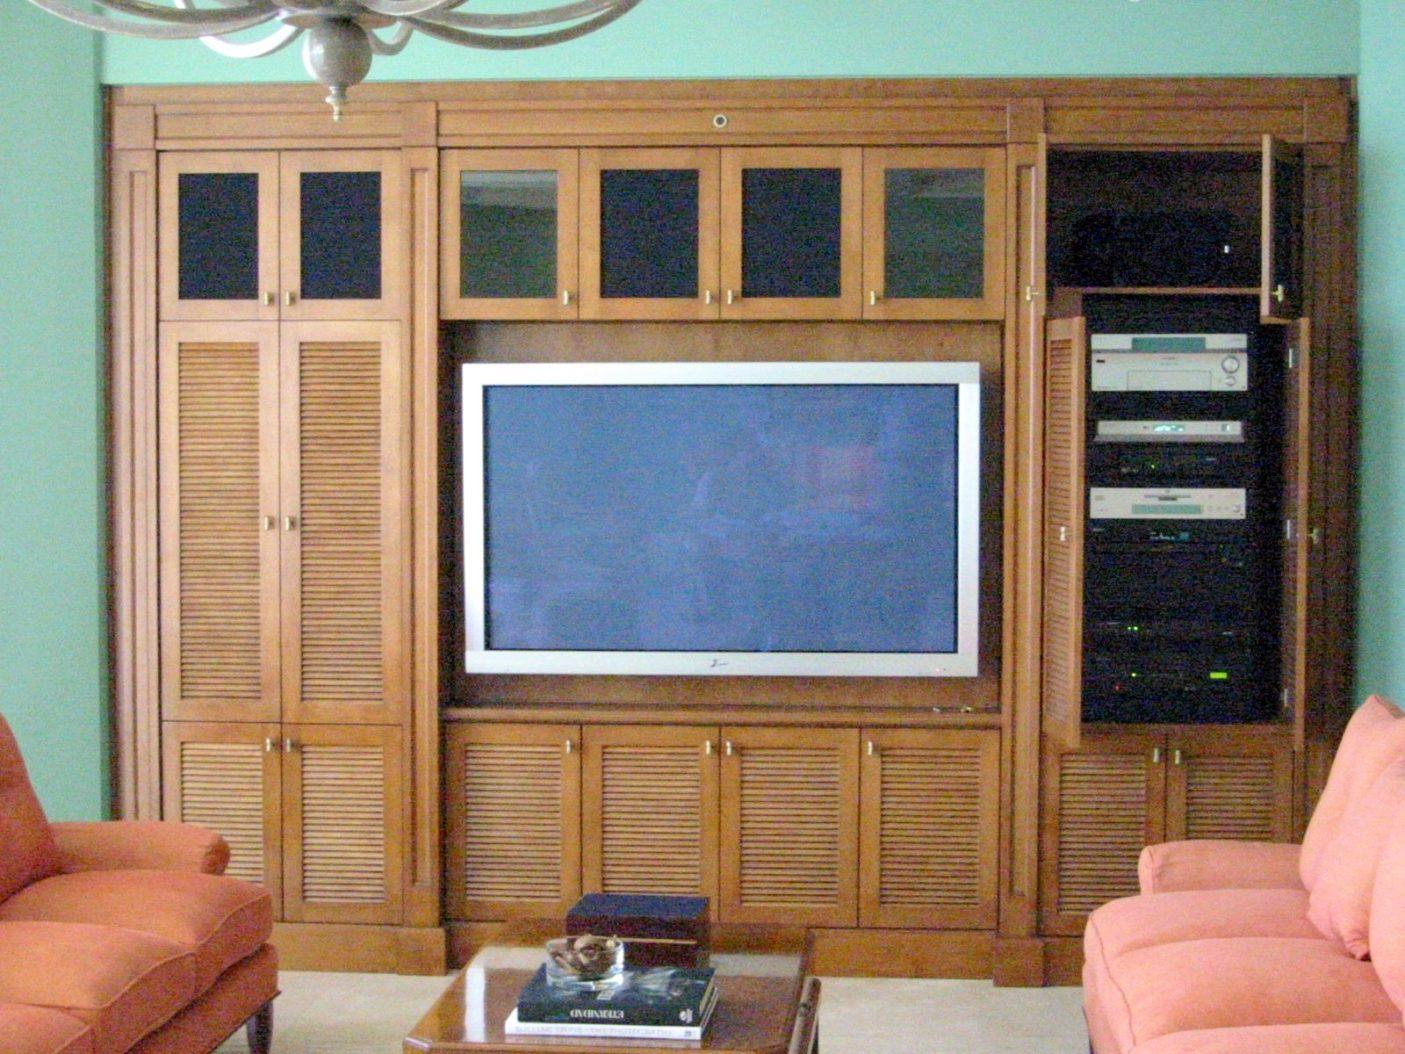 TvCabinet-25.jpg